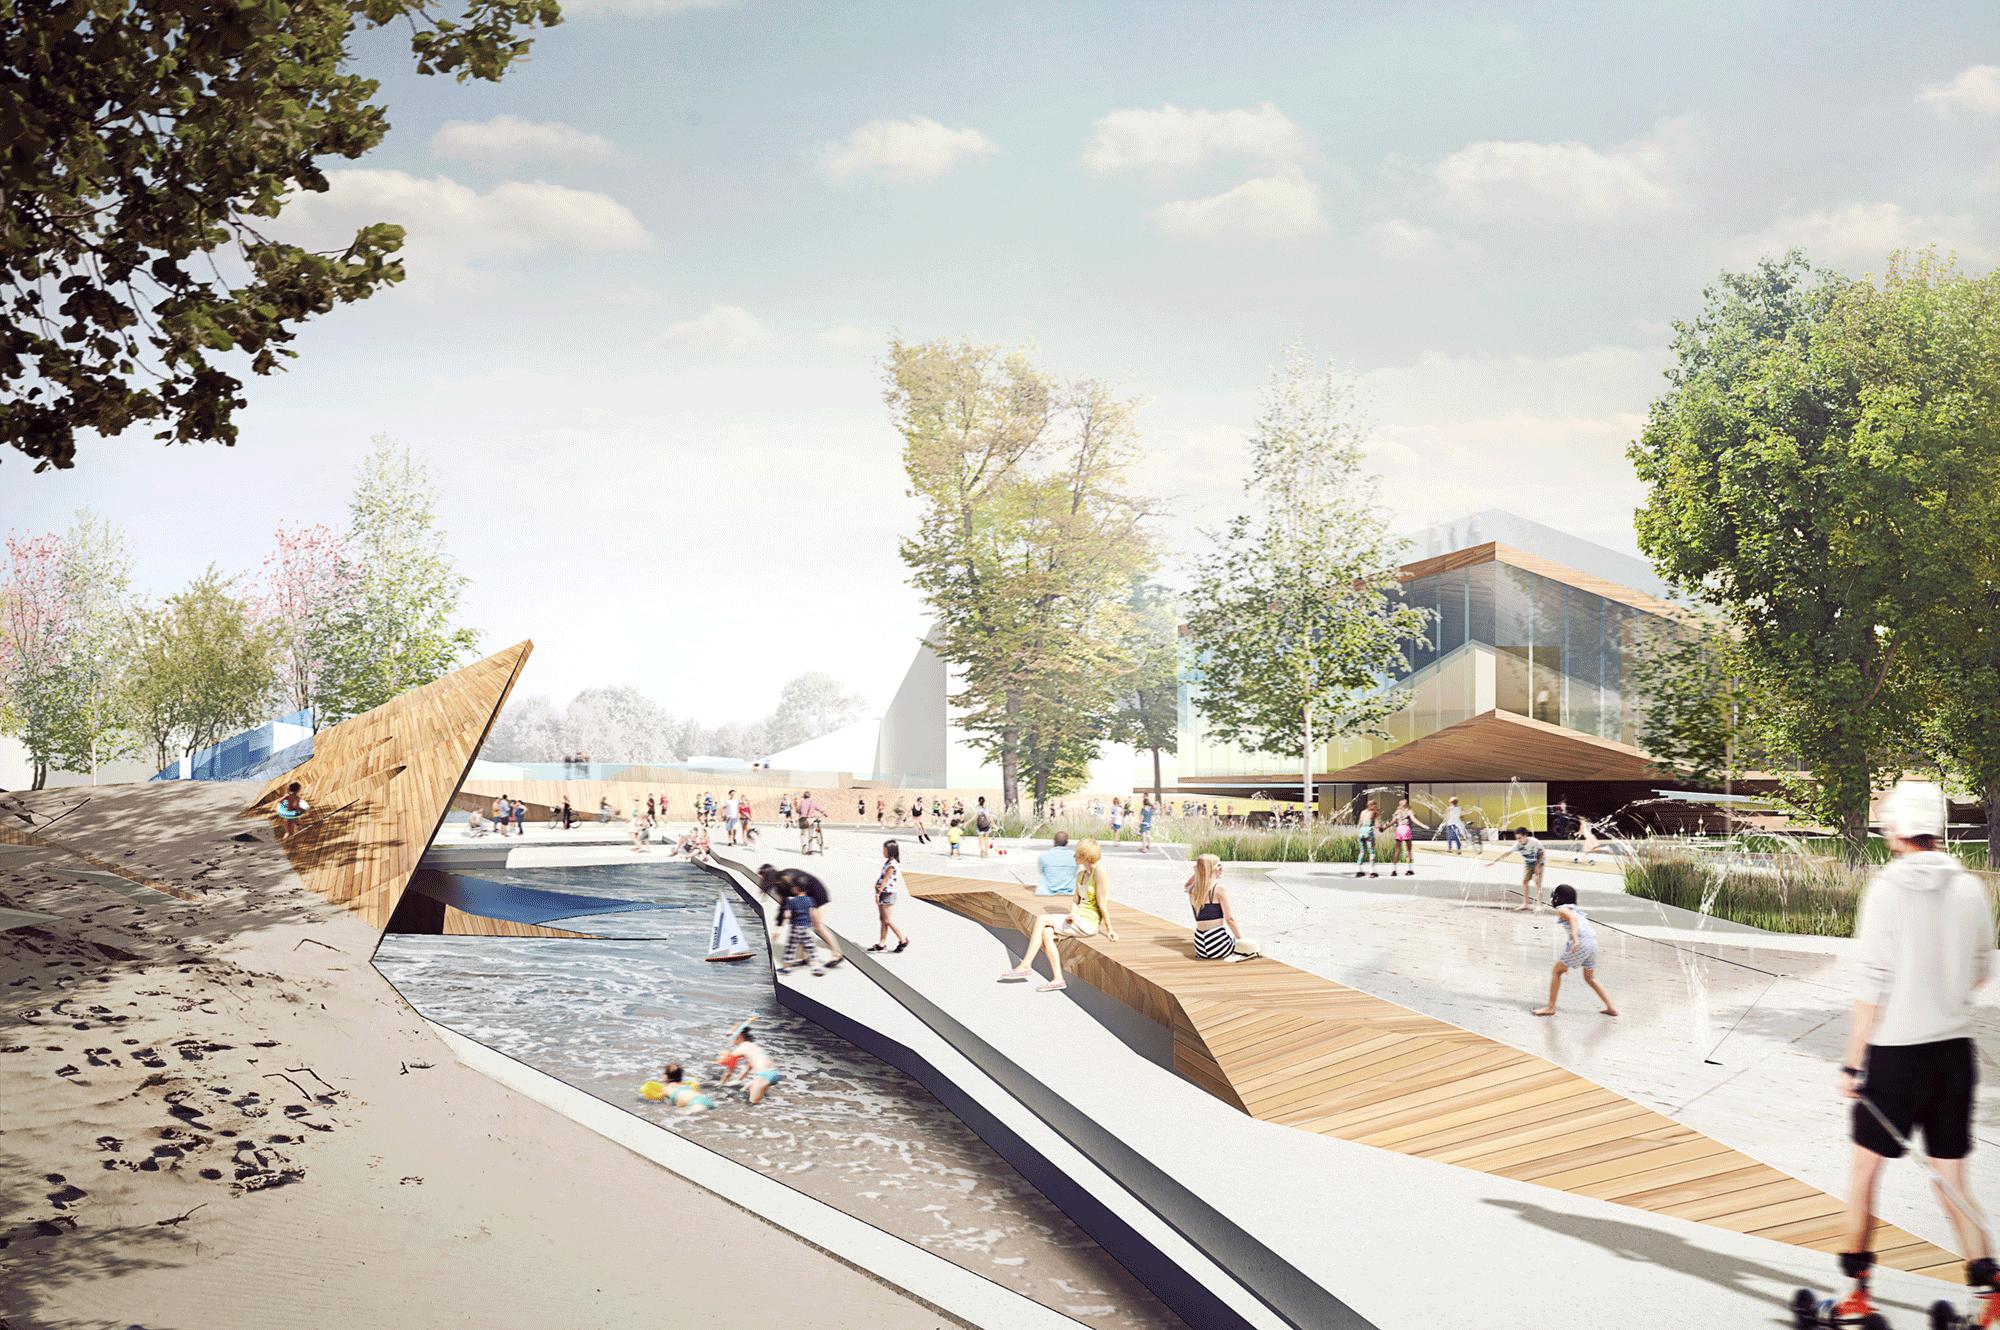 park żerański, przekształcenie zdegradowanych iniezagospodarowanych terenów nawielofunkcyjny park miejski | kanał żerański, warszawa